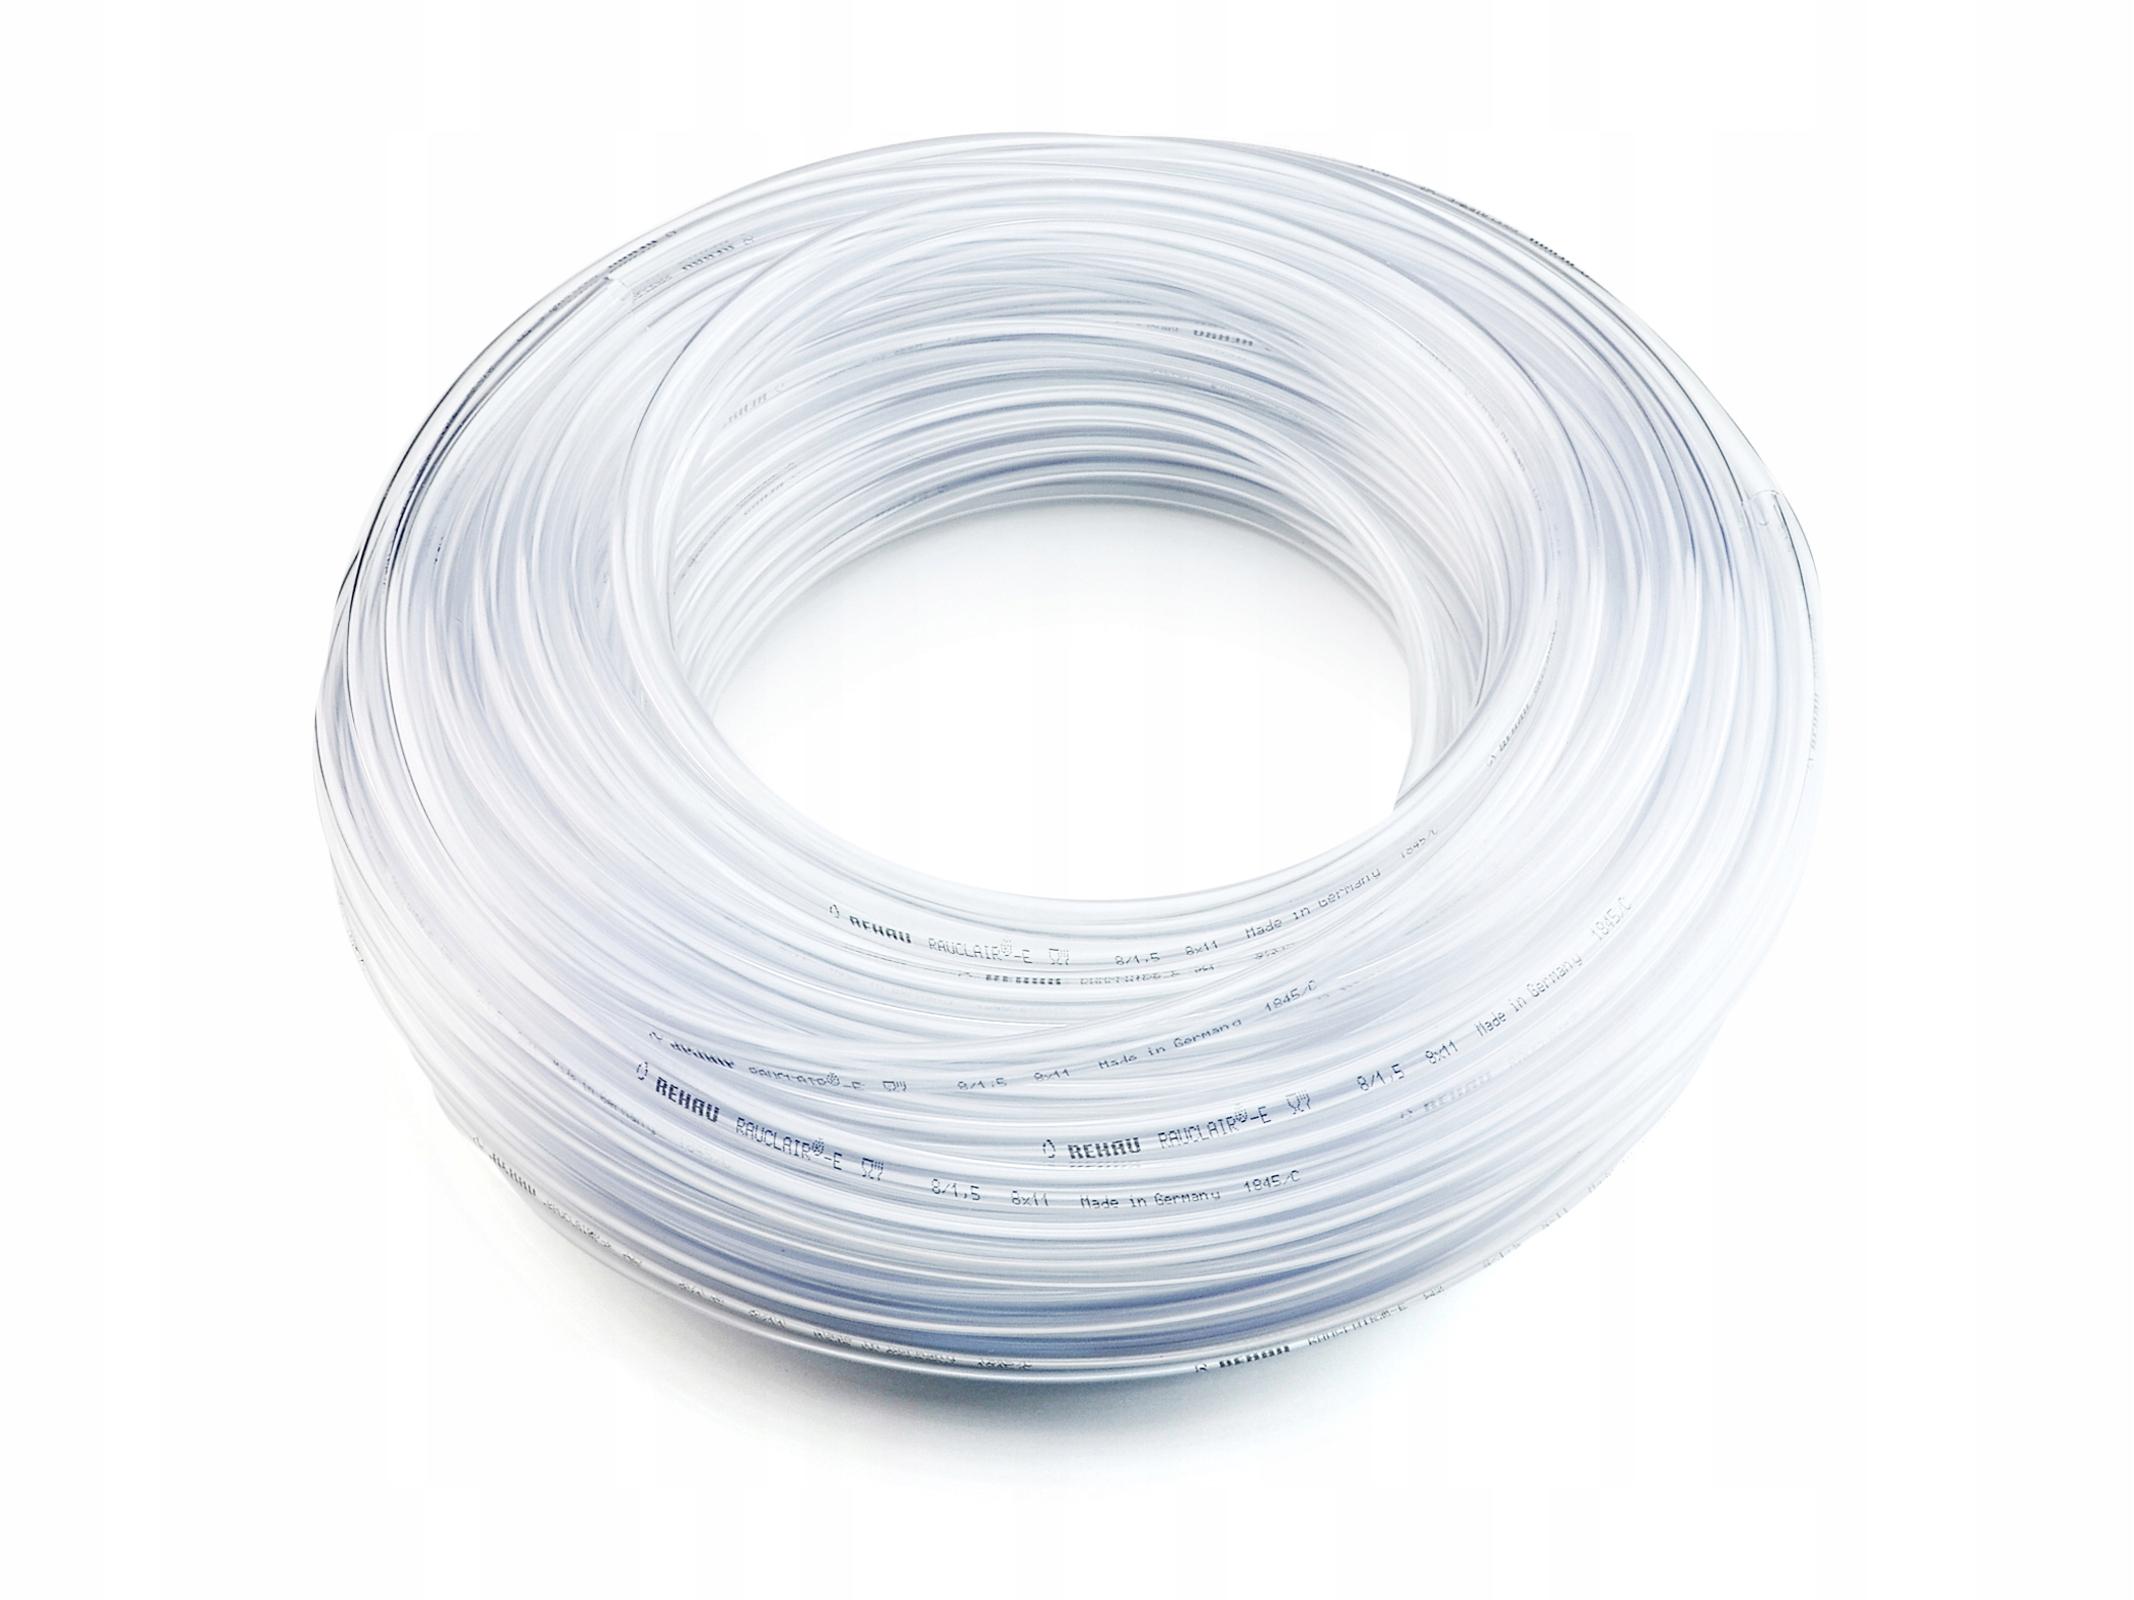 шланг кабель igielitowy пвх igielit шланг 9x2mm 10m